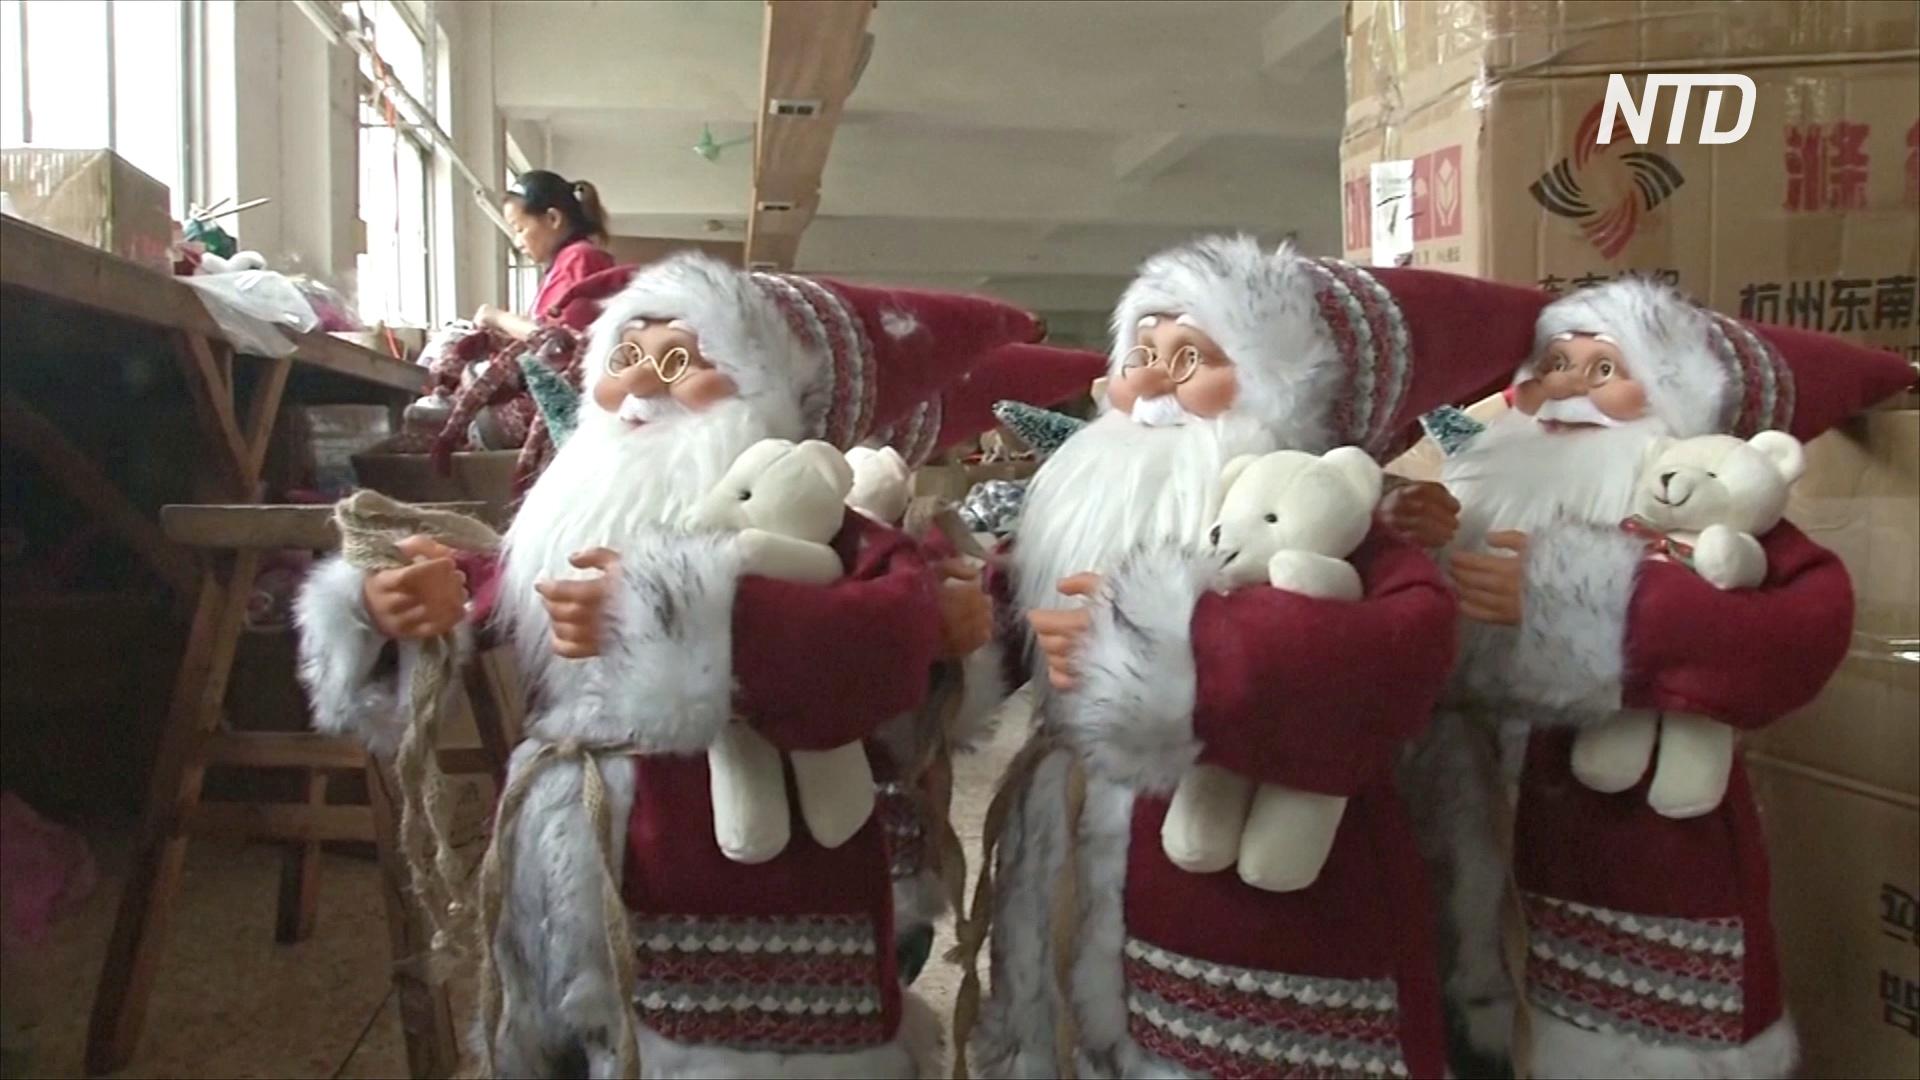 Китайские фабрики по производству рождественских игрушек терпят убытки из-за пандемии